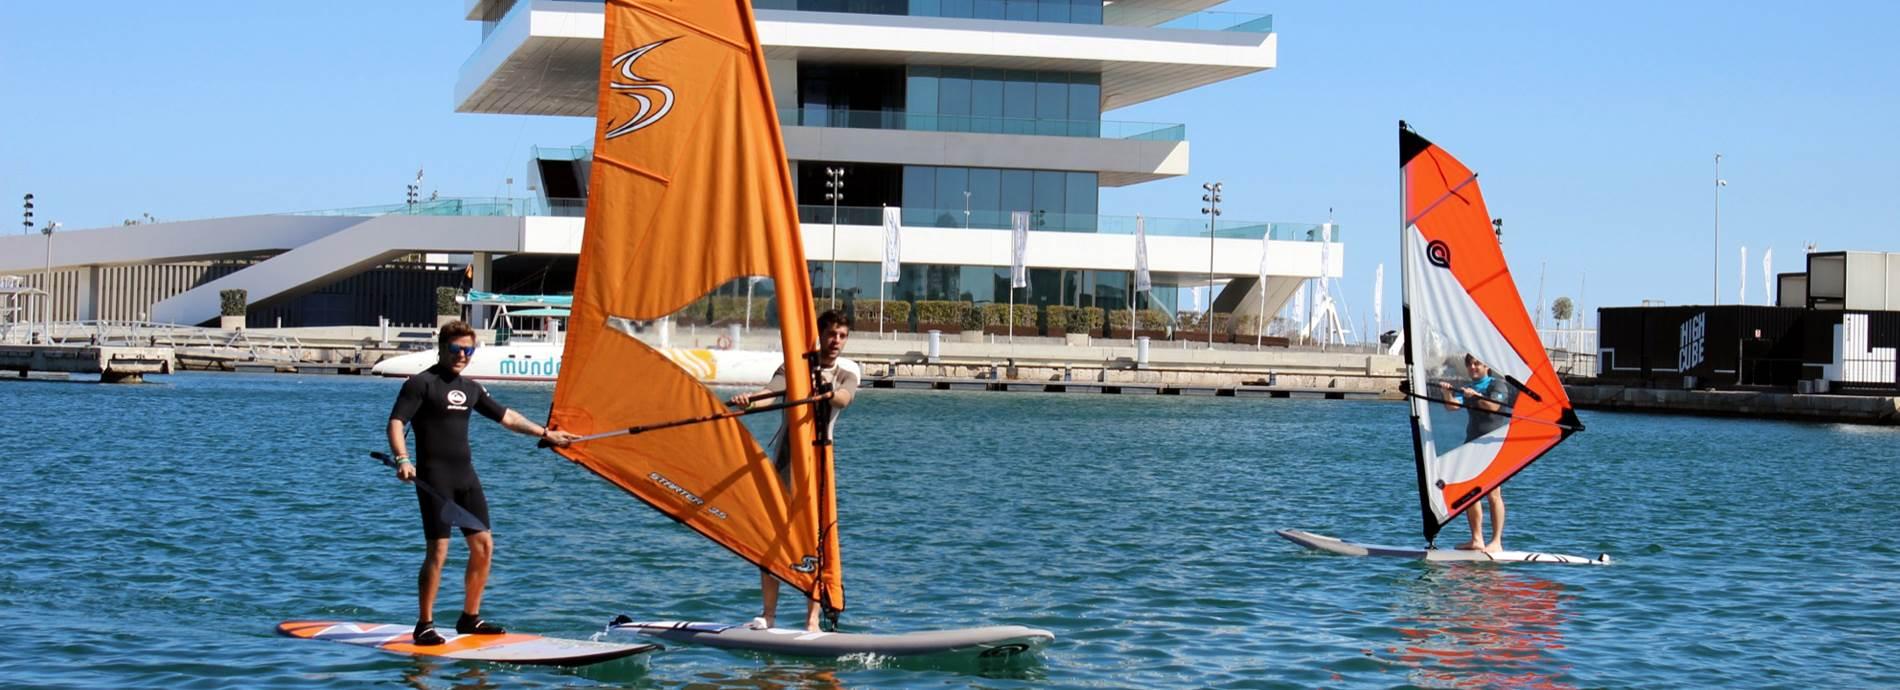 windsurfenvalencia.jpg